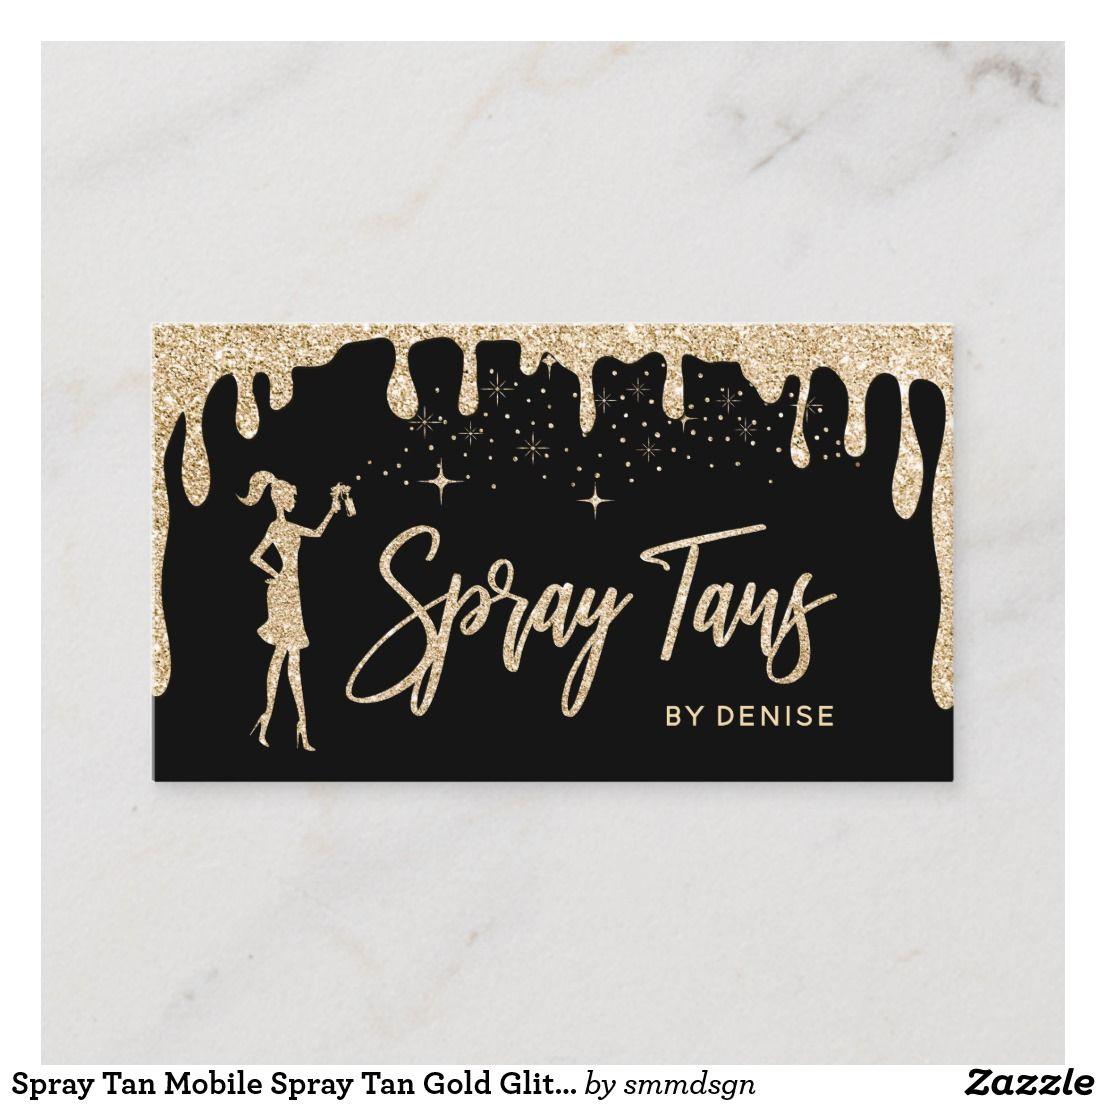 Spray Tan Mobile Spray Tan Gold Glittering Girl Business Card Zazzle Com In 2021 Mobile Spray Tanning Spray Tanning Spray Tan Business